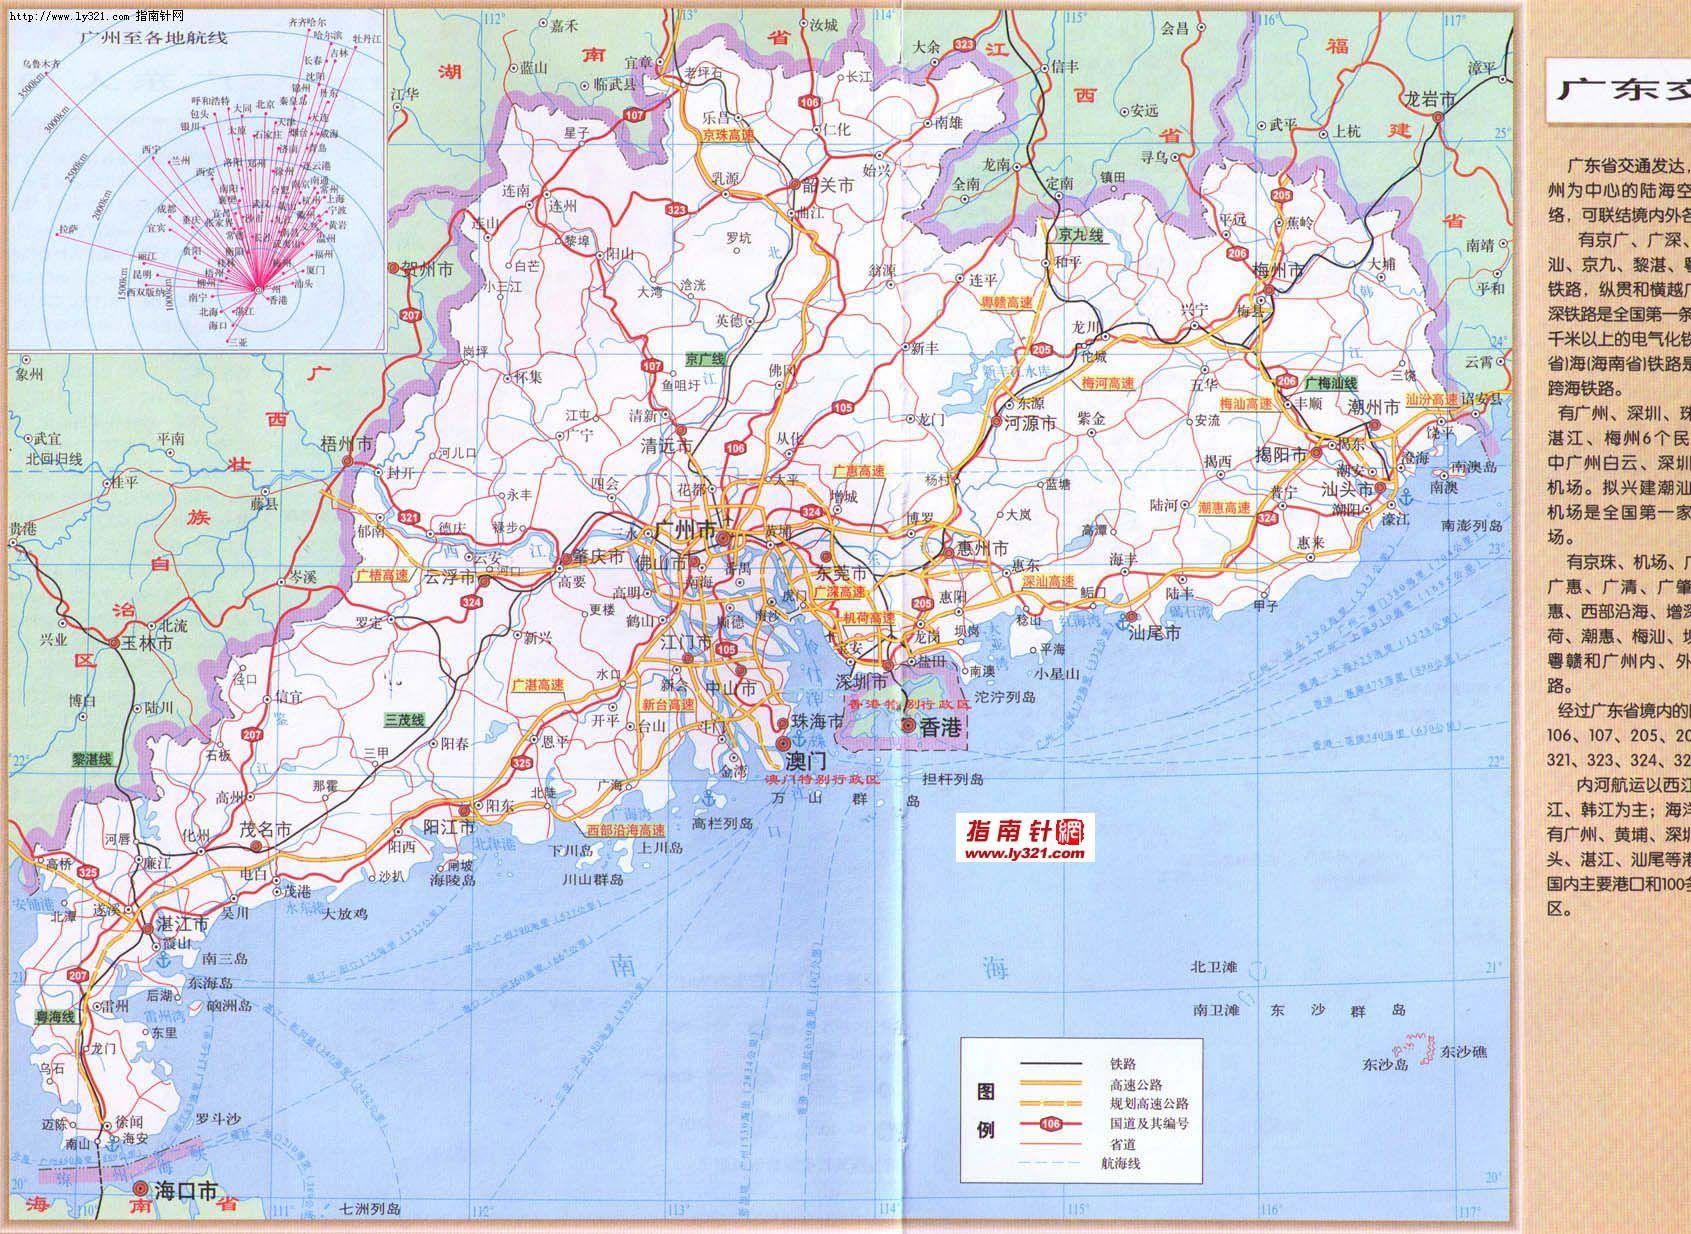 广东地图_广东其他旅游景点地图查询图片